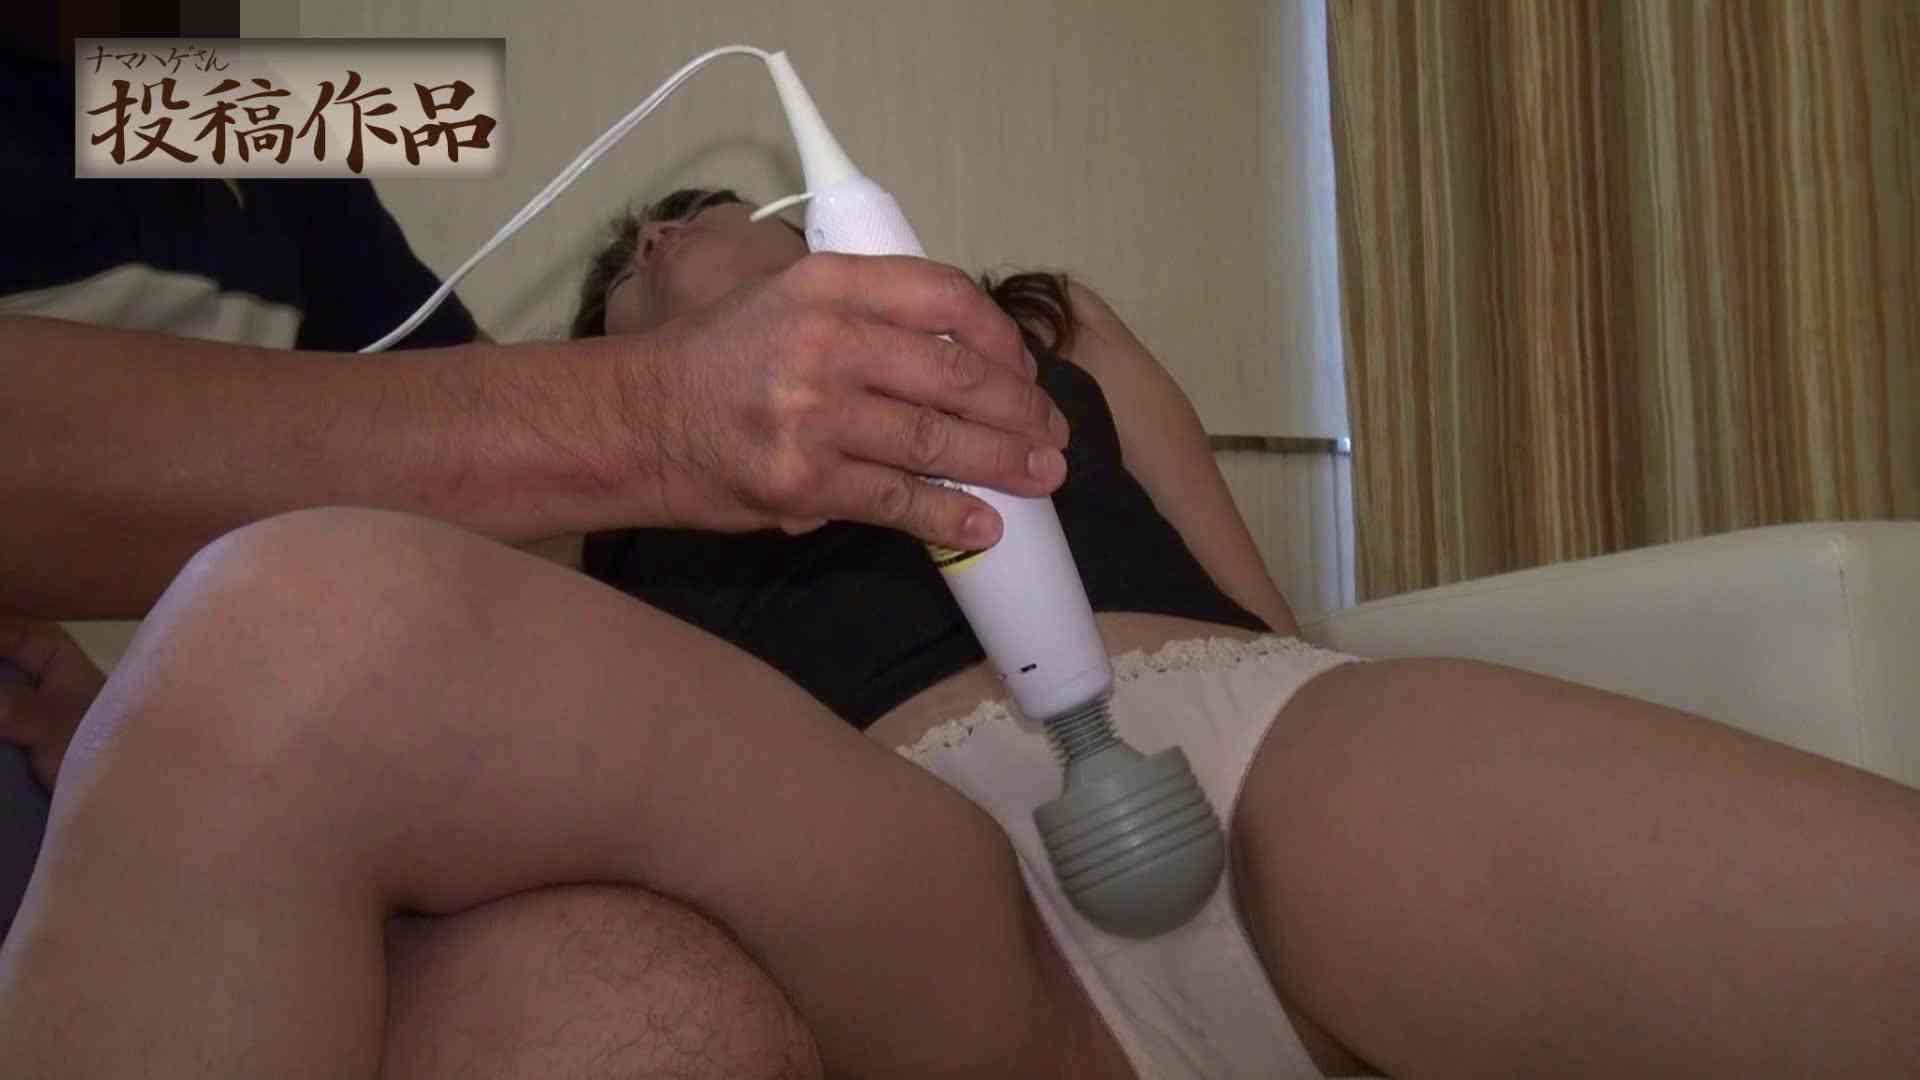 ナマハゲさんのまんこコレクション第二章 rumiko Hな人妻 | 0  88pic 23